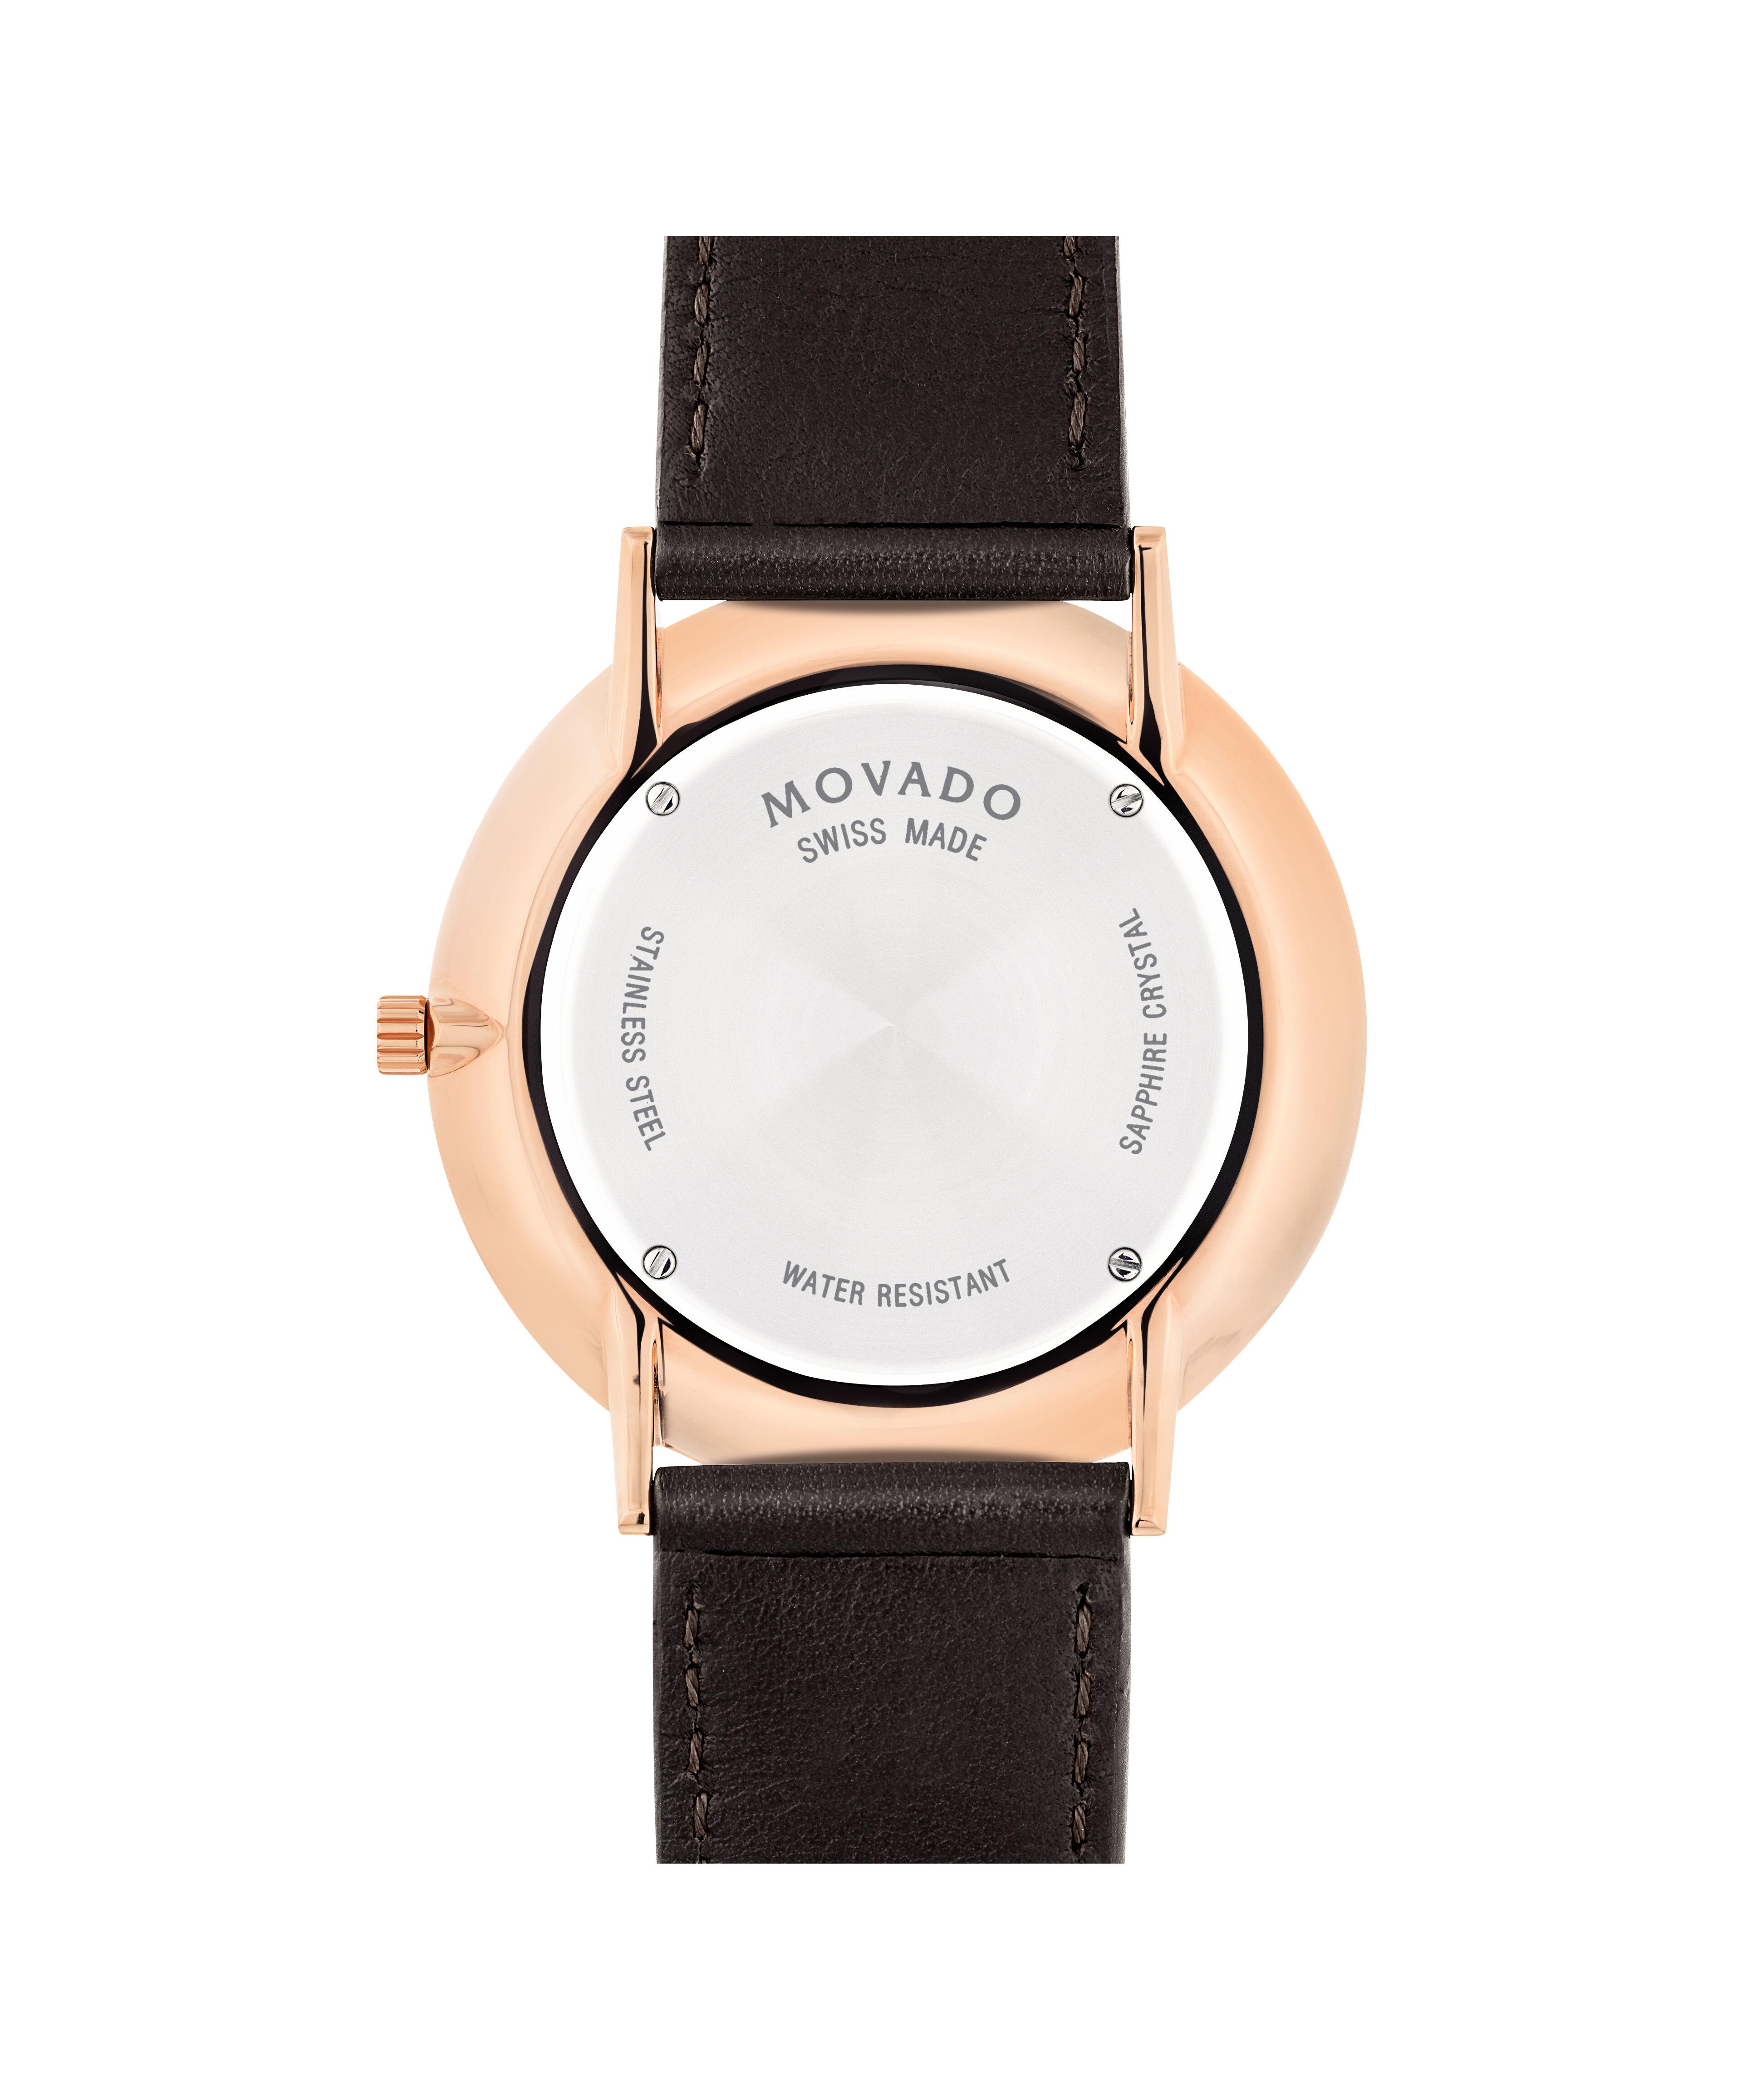 Gray Movado Replica Watches For Men